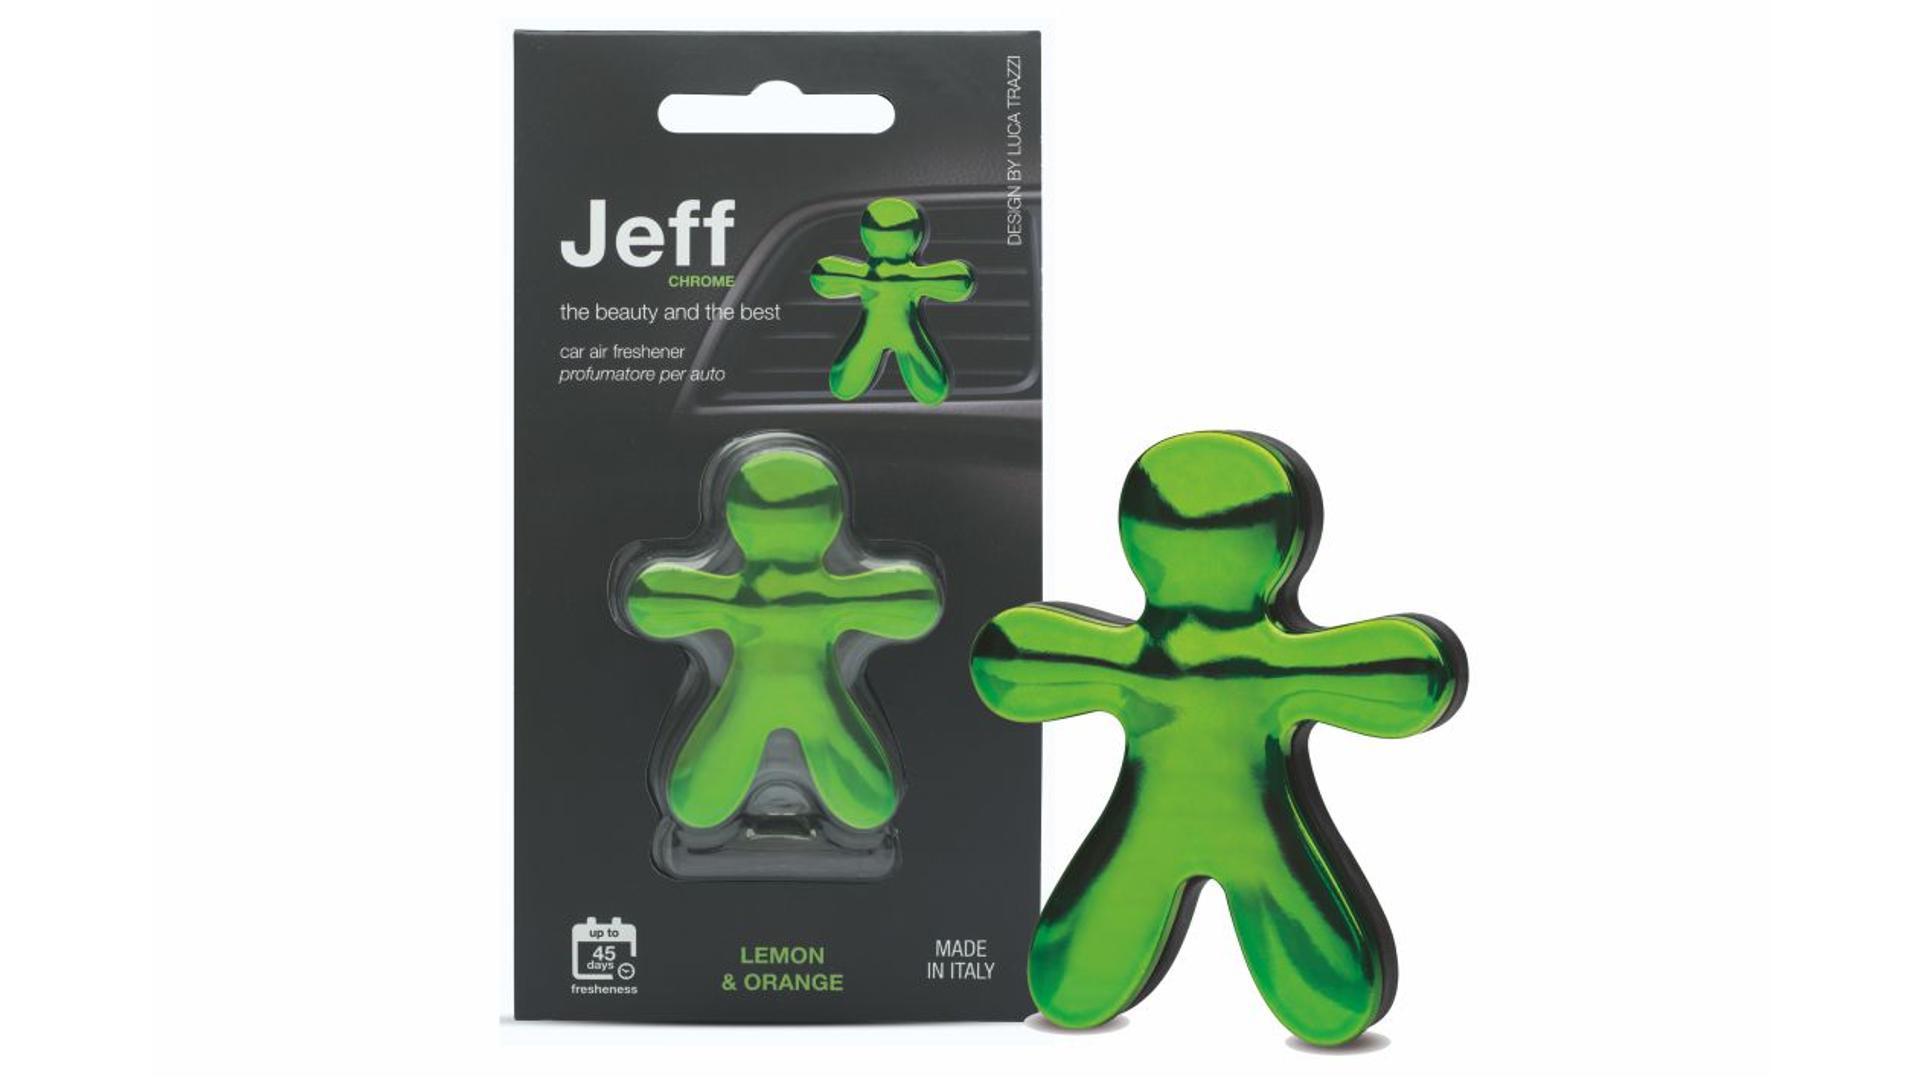 JEFF osviežovač vzduchu zelený chrome - Lemon & Orange